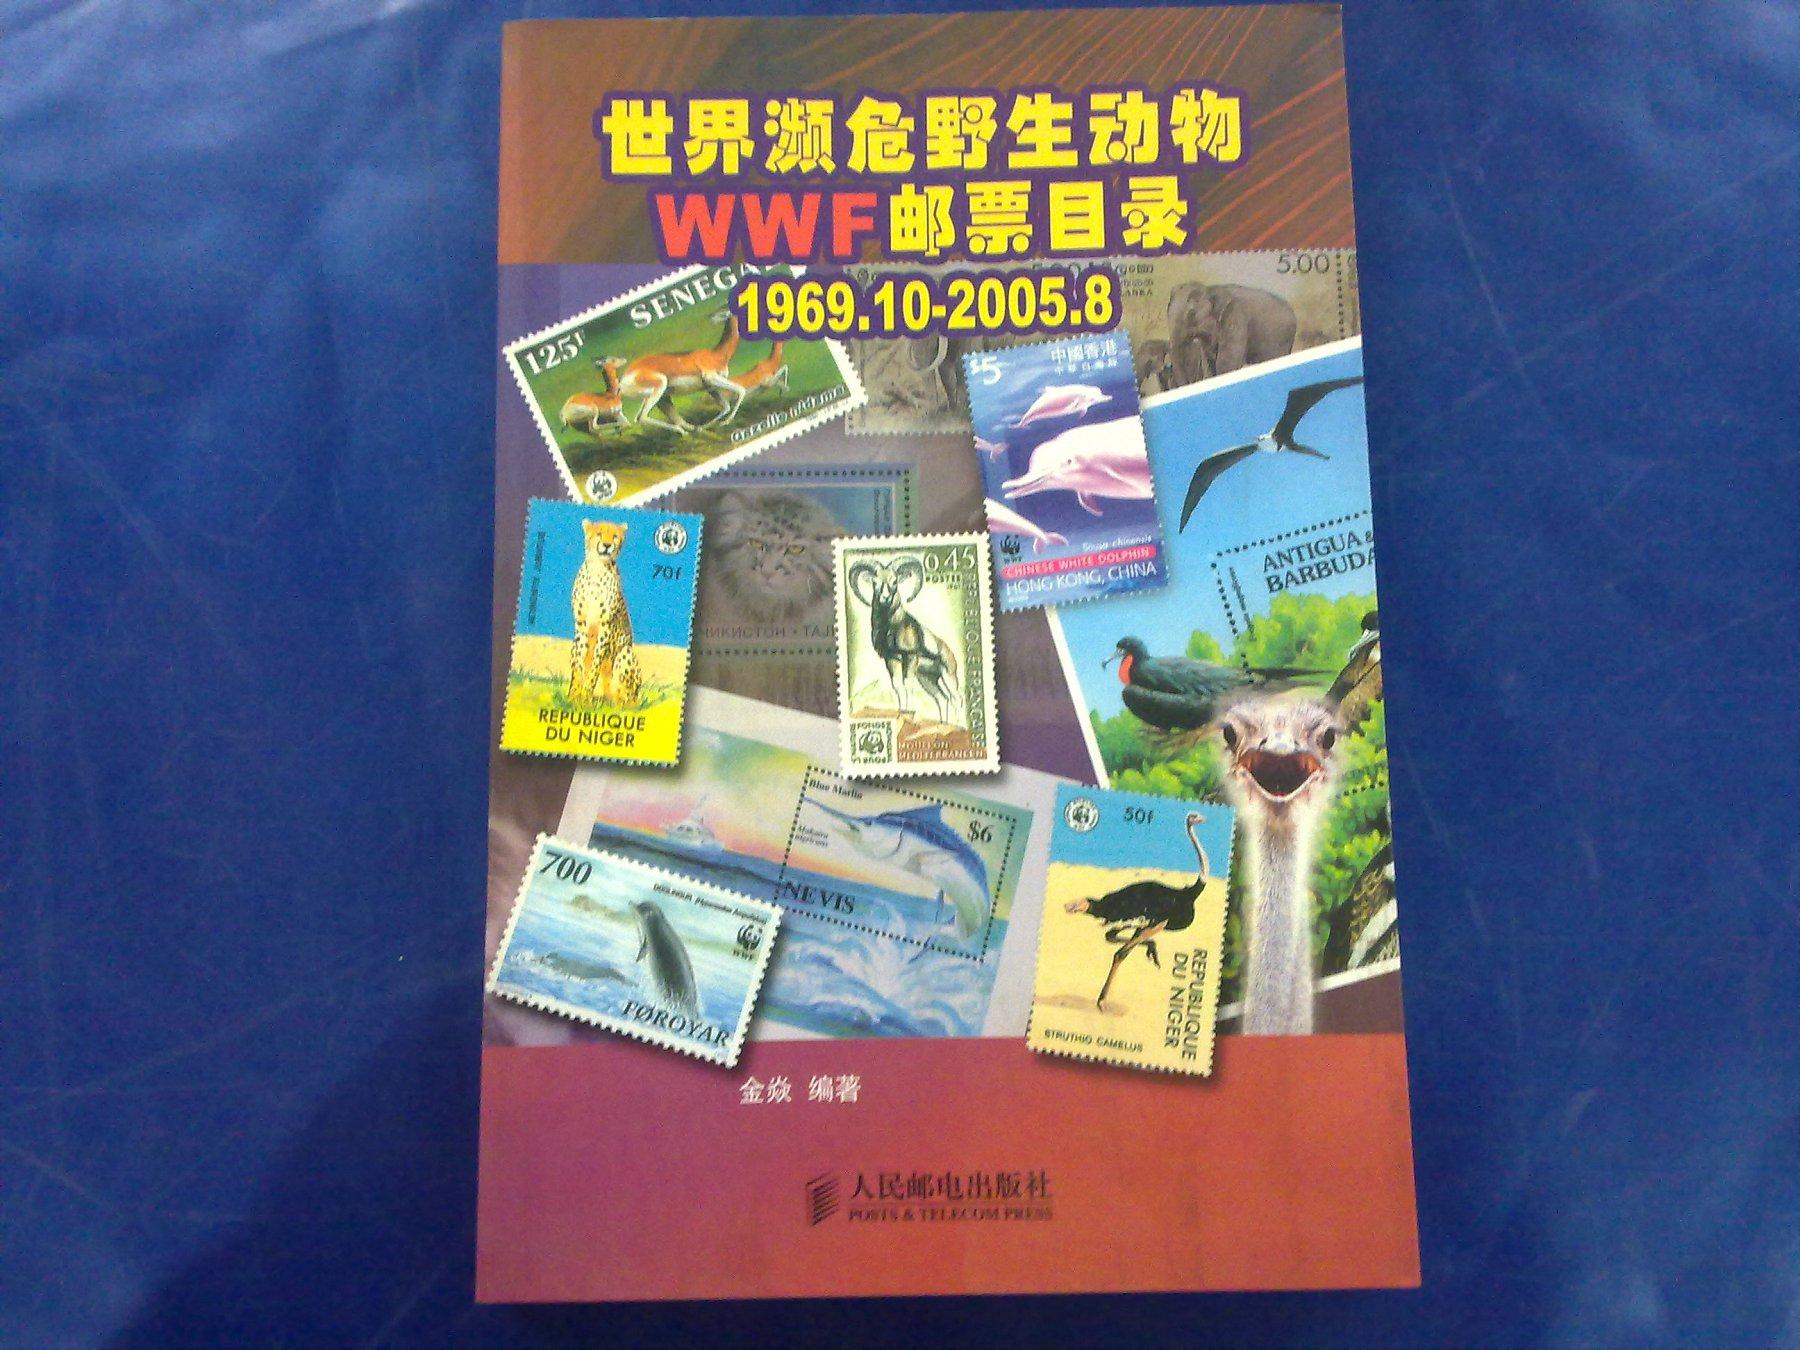 代友出售世界濒危野生动物wwf邮票目录